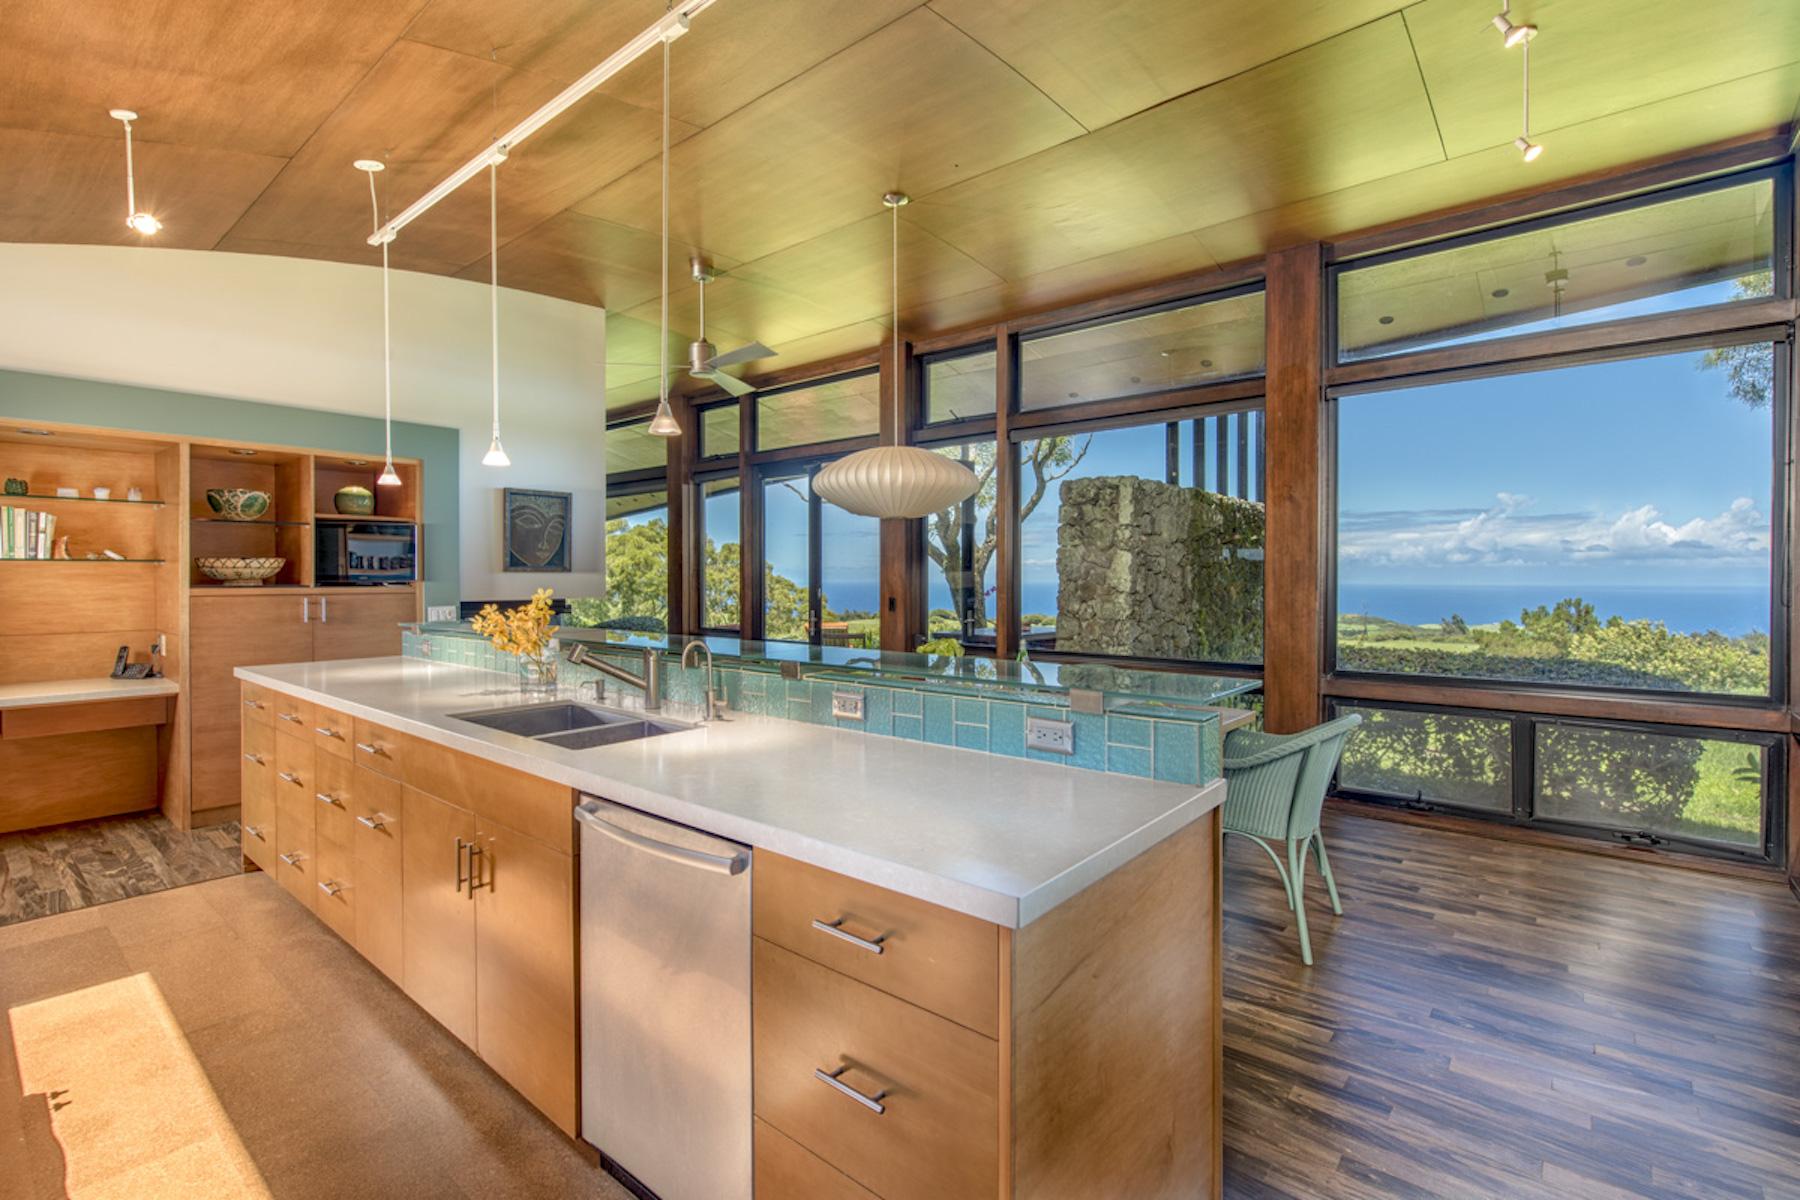 獨棟家庭住宅 為 出售 在 Maliu Ridge II 56-3163 Puu Mamo Dr. Hawi, 夏威夷 96719 美國